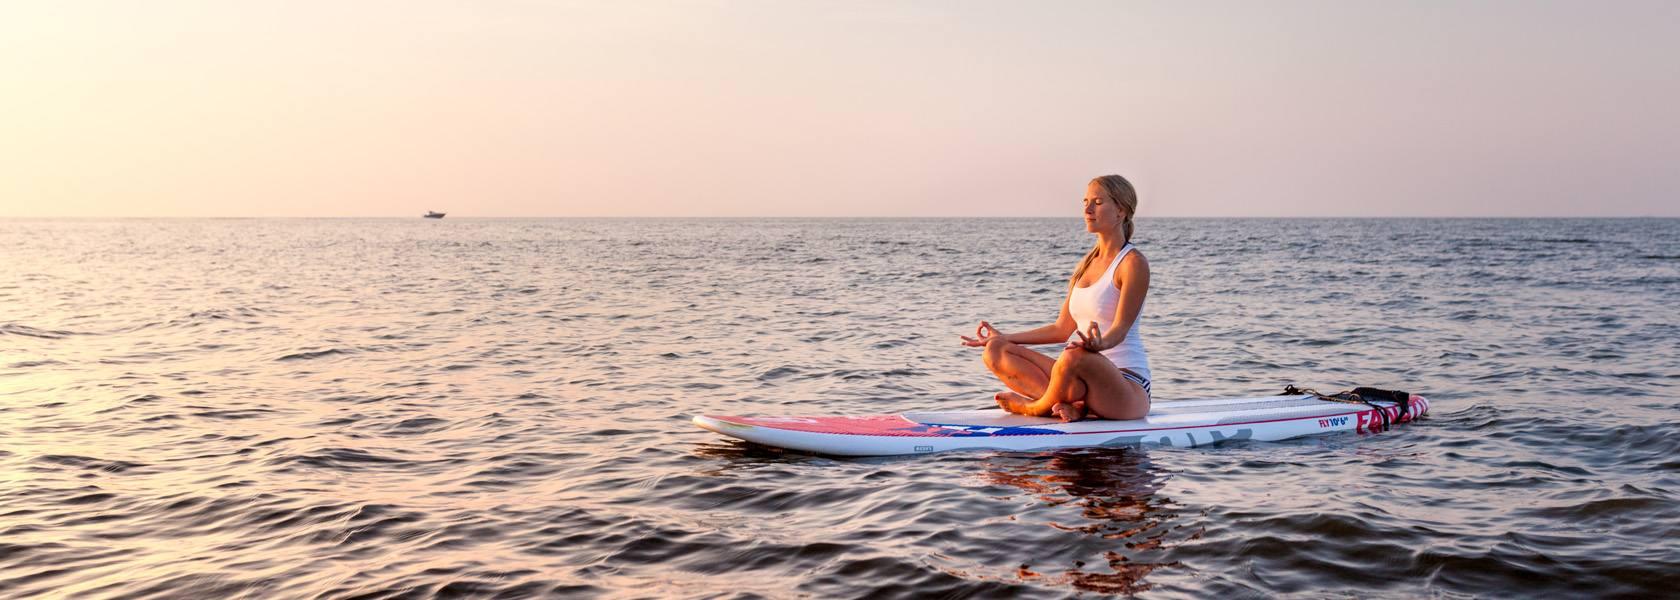 Meditation auf dem Wasser, © Staatsbad Norderney GmbH